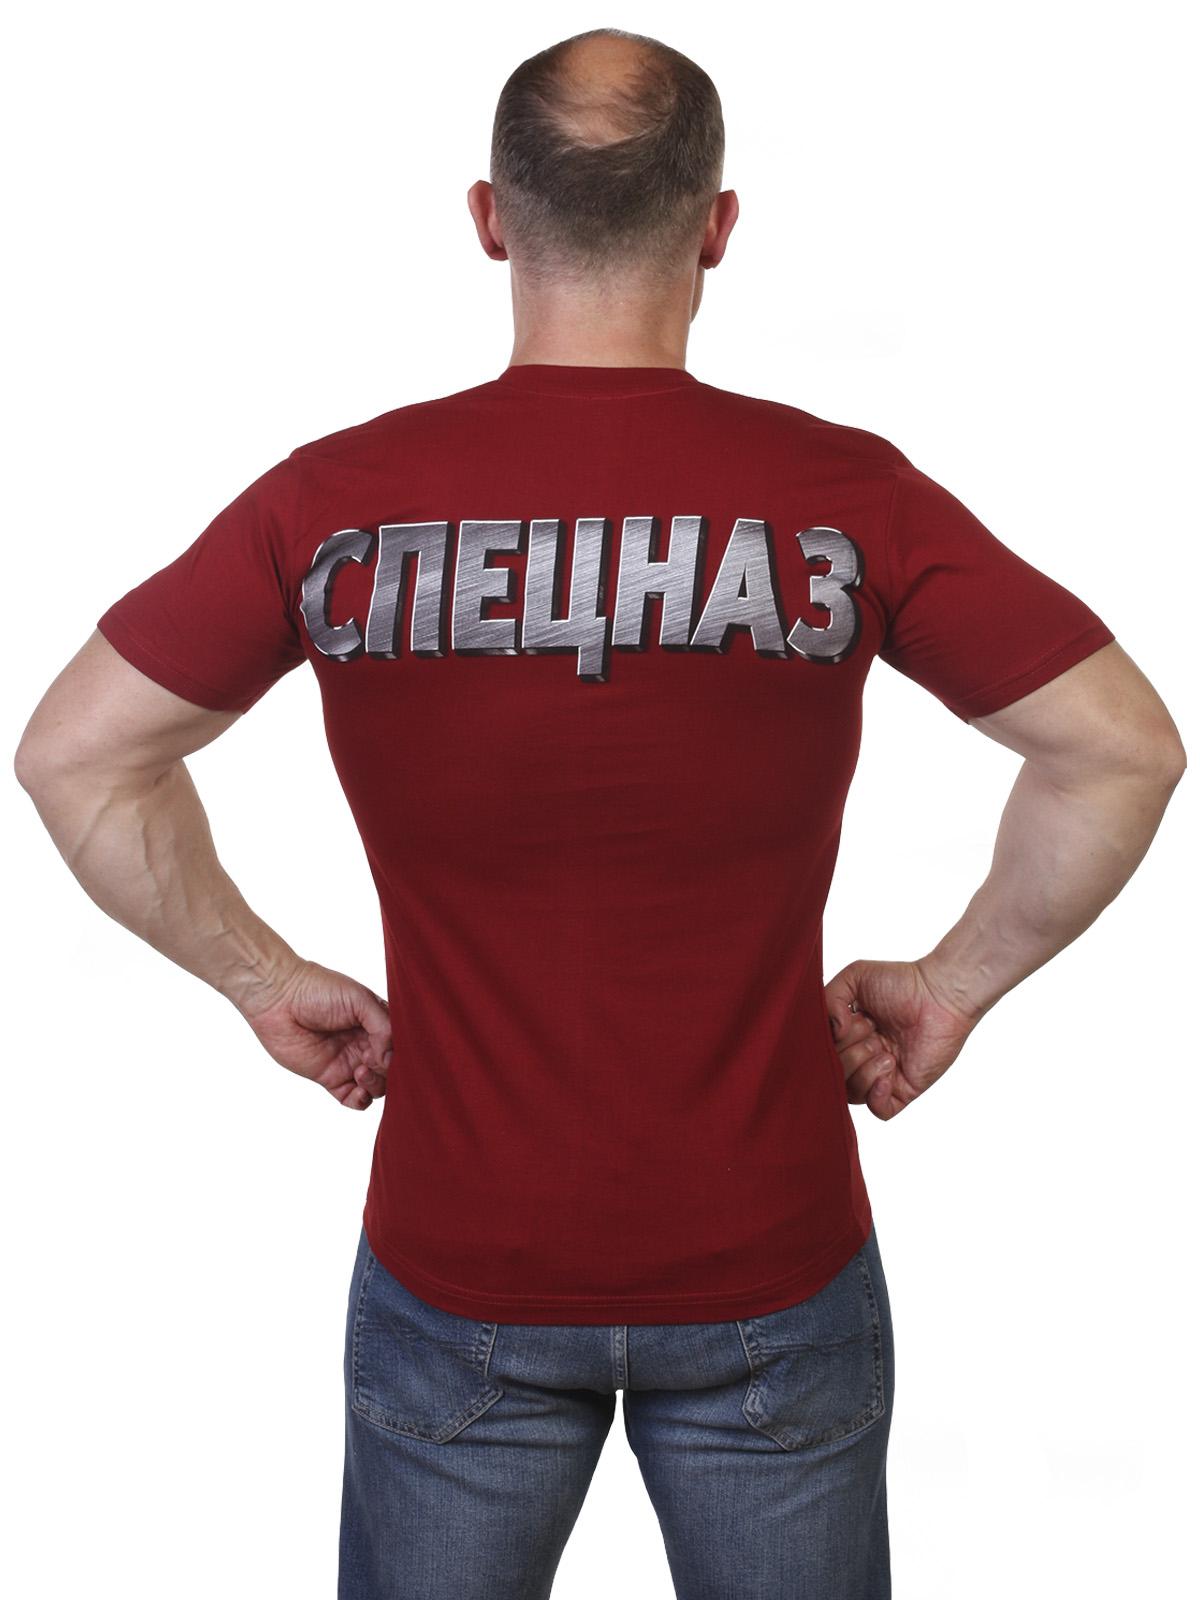 Купить мужскую спецназовскую футболку